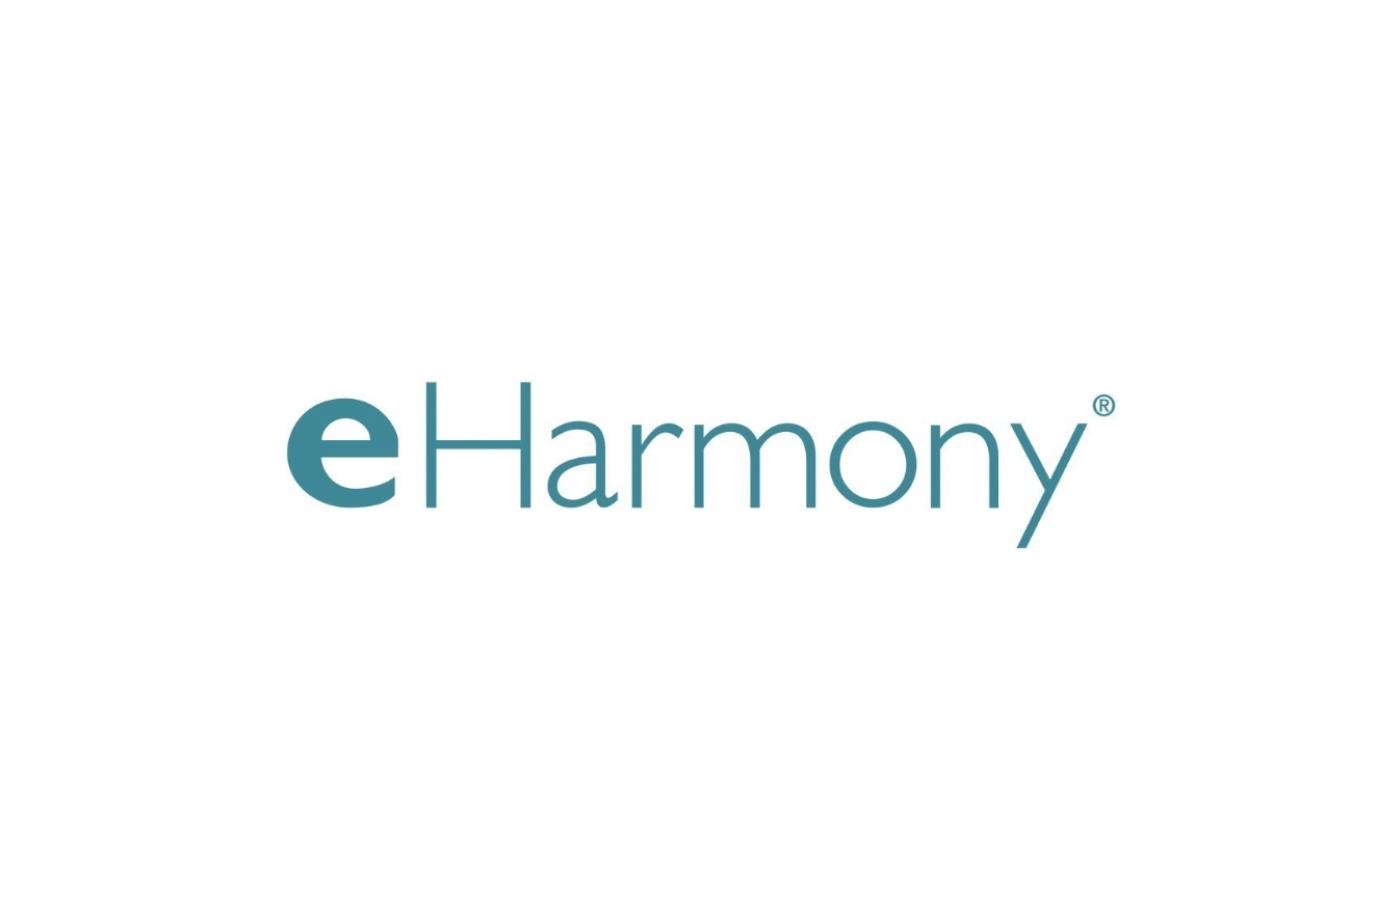 Eharmony complaints